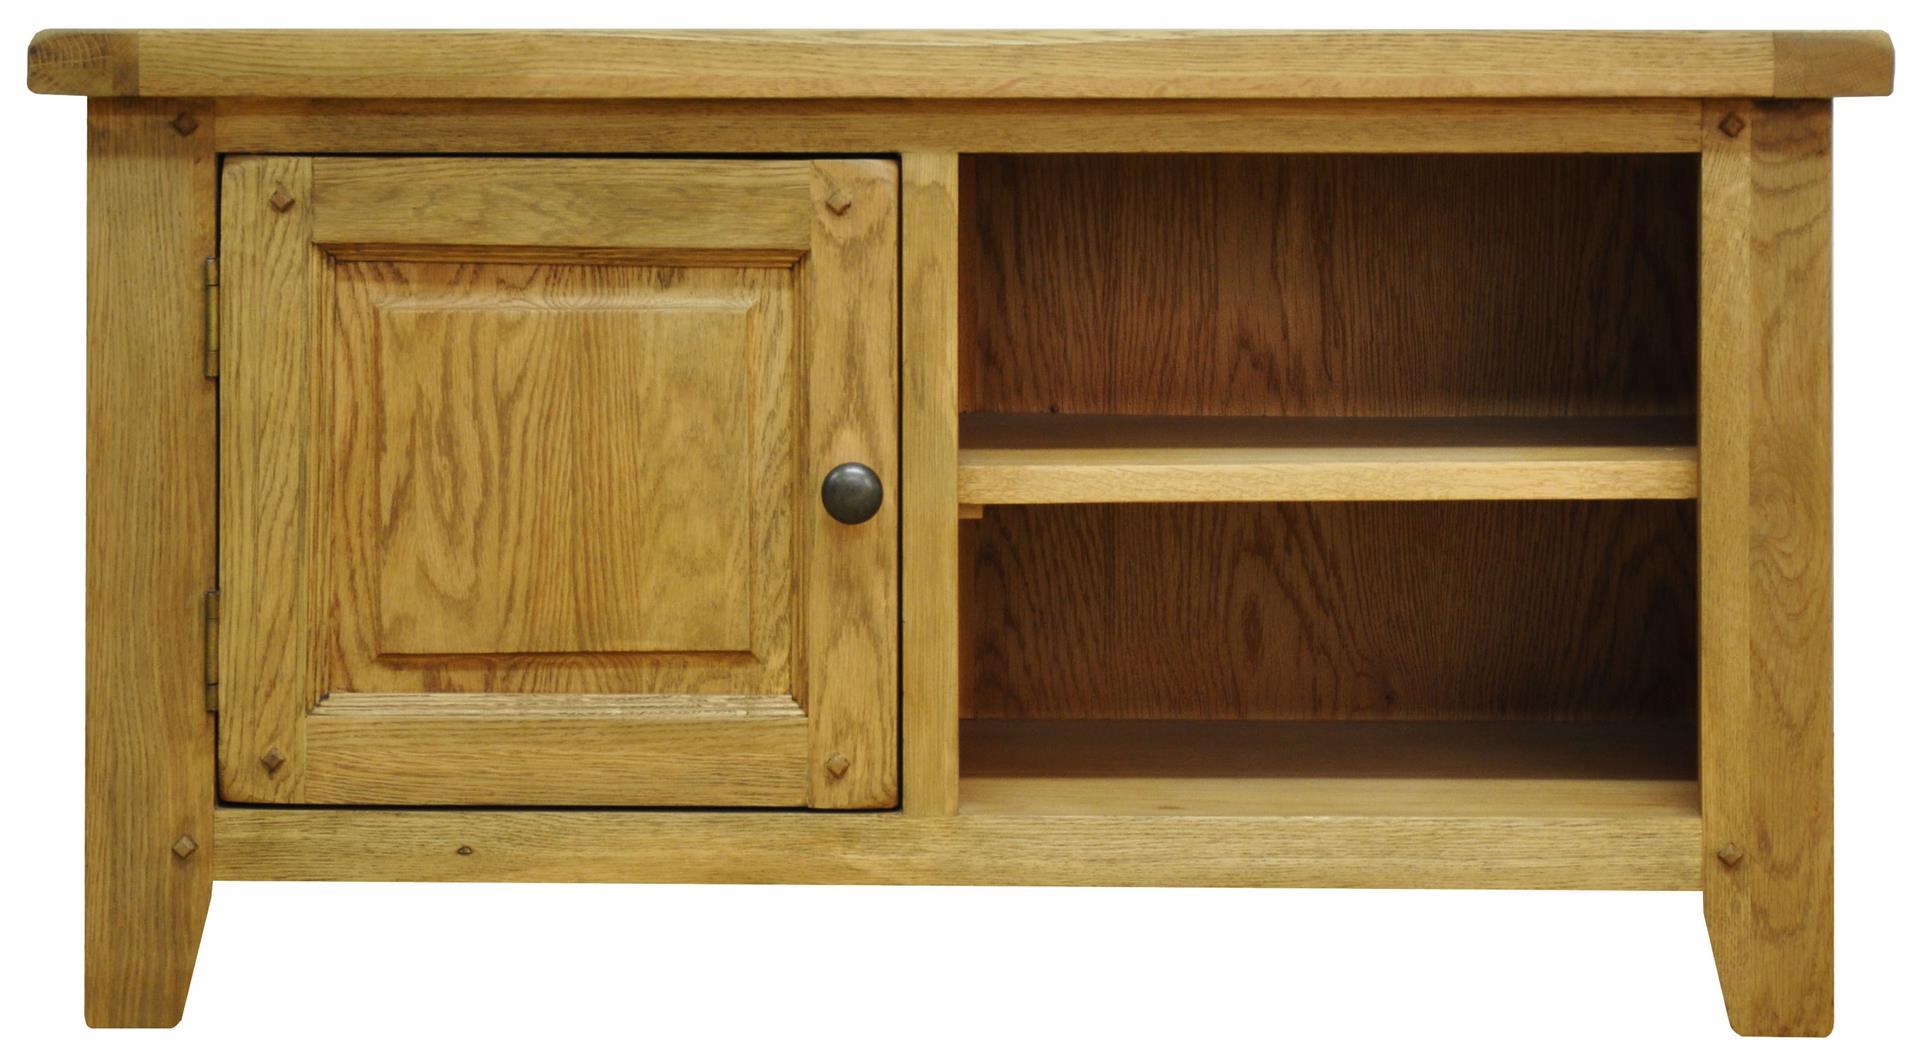 Well Known Oak Tv Cabinets With Doors Regarding Tv Cabinets : Stanton Standard Rustic Oak Tv Unitstanton Standard (View 18 of 20)